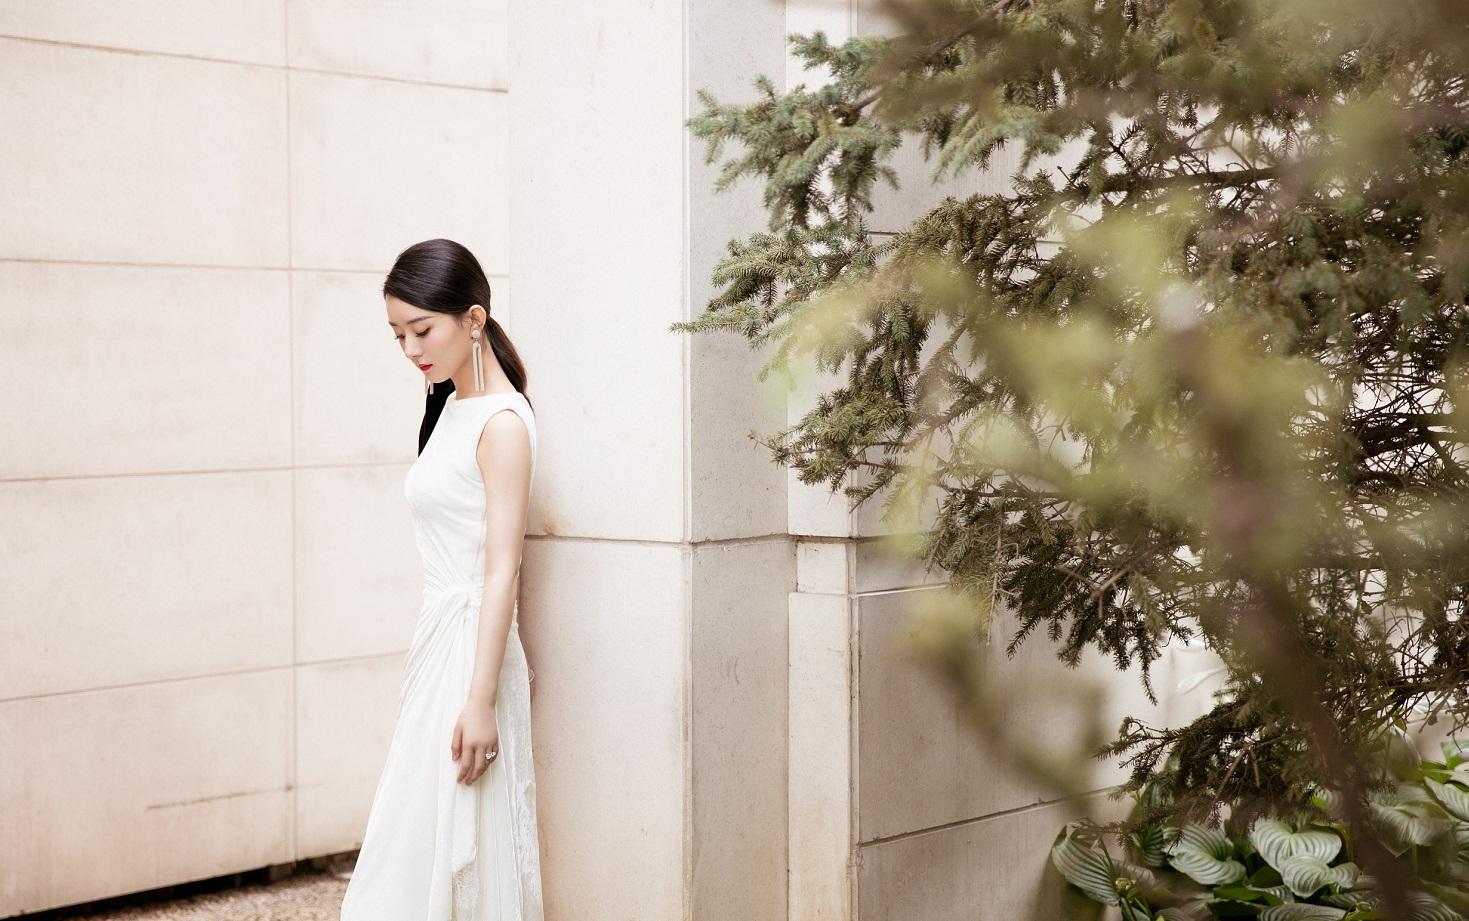 赵丽颖正式复工,时隔半年恢复好身材,一身白色礼服女人味十足